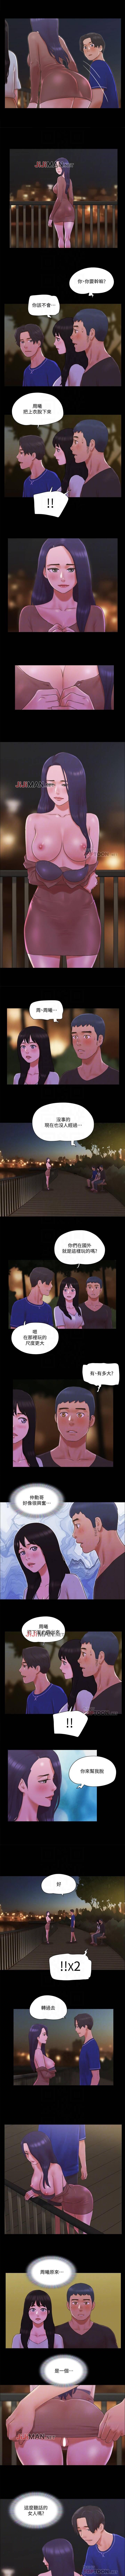 【周五连载】协议换爱(作者:遠德) 第1~62话 250